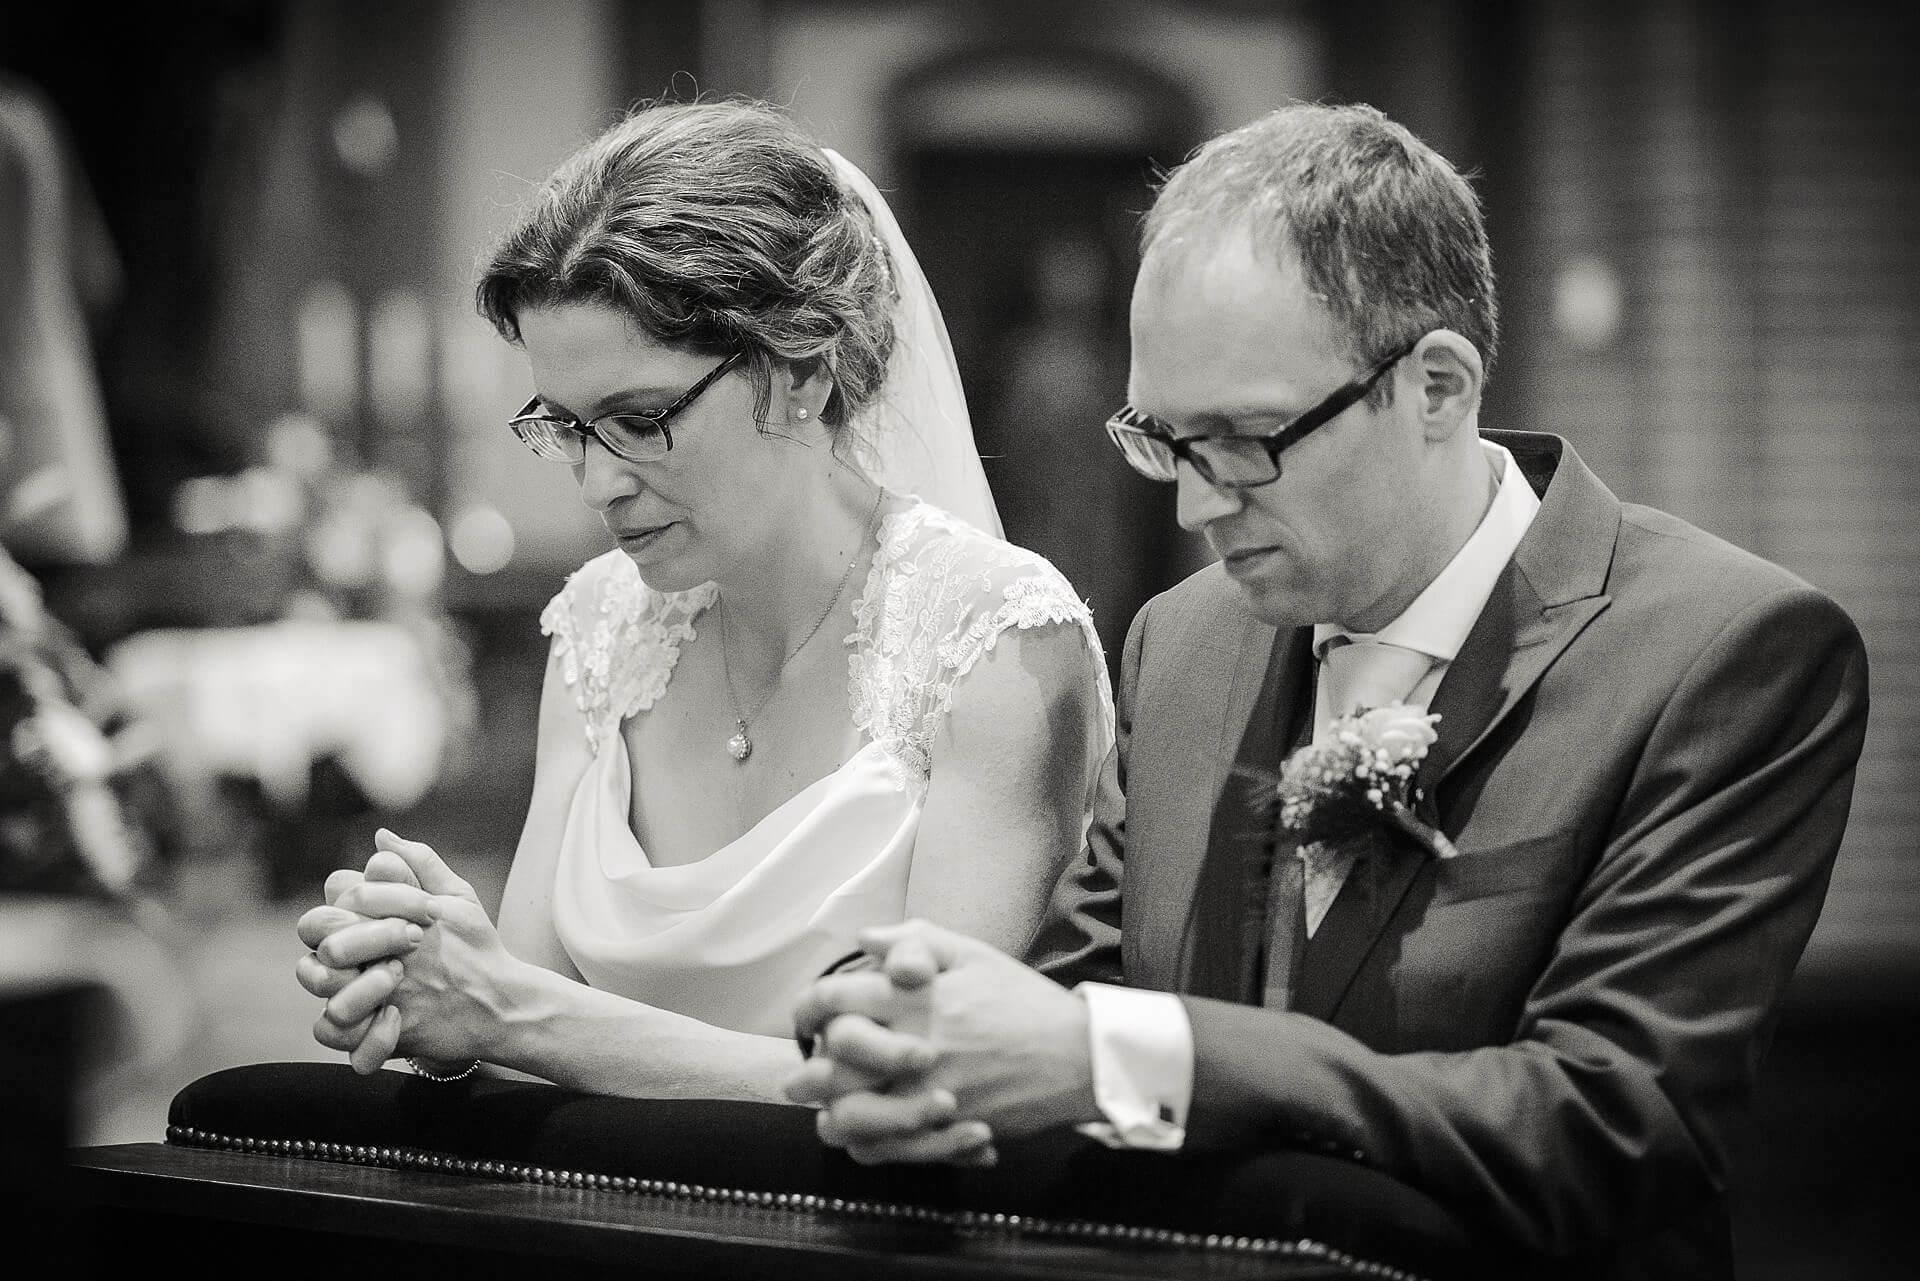 Bruidsreportage Trouwen bij Jochumhof in Steyl en Martinuskerk in Tegelen bij Venlo door Bruidsfotograaf Sandy Peters